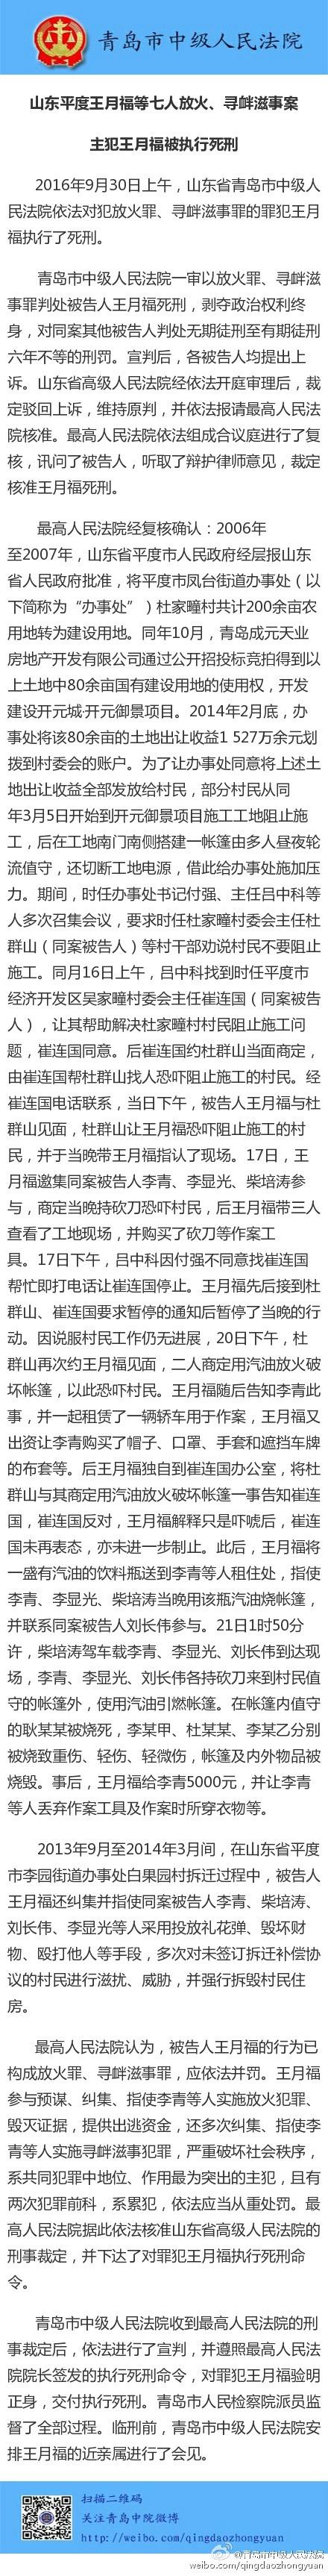 山东平度放火案主犯王月福被执行死刑